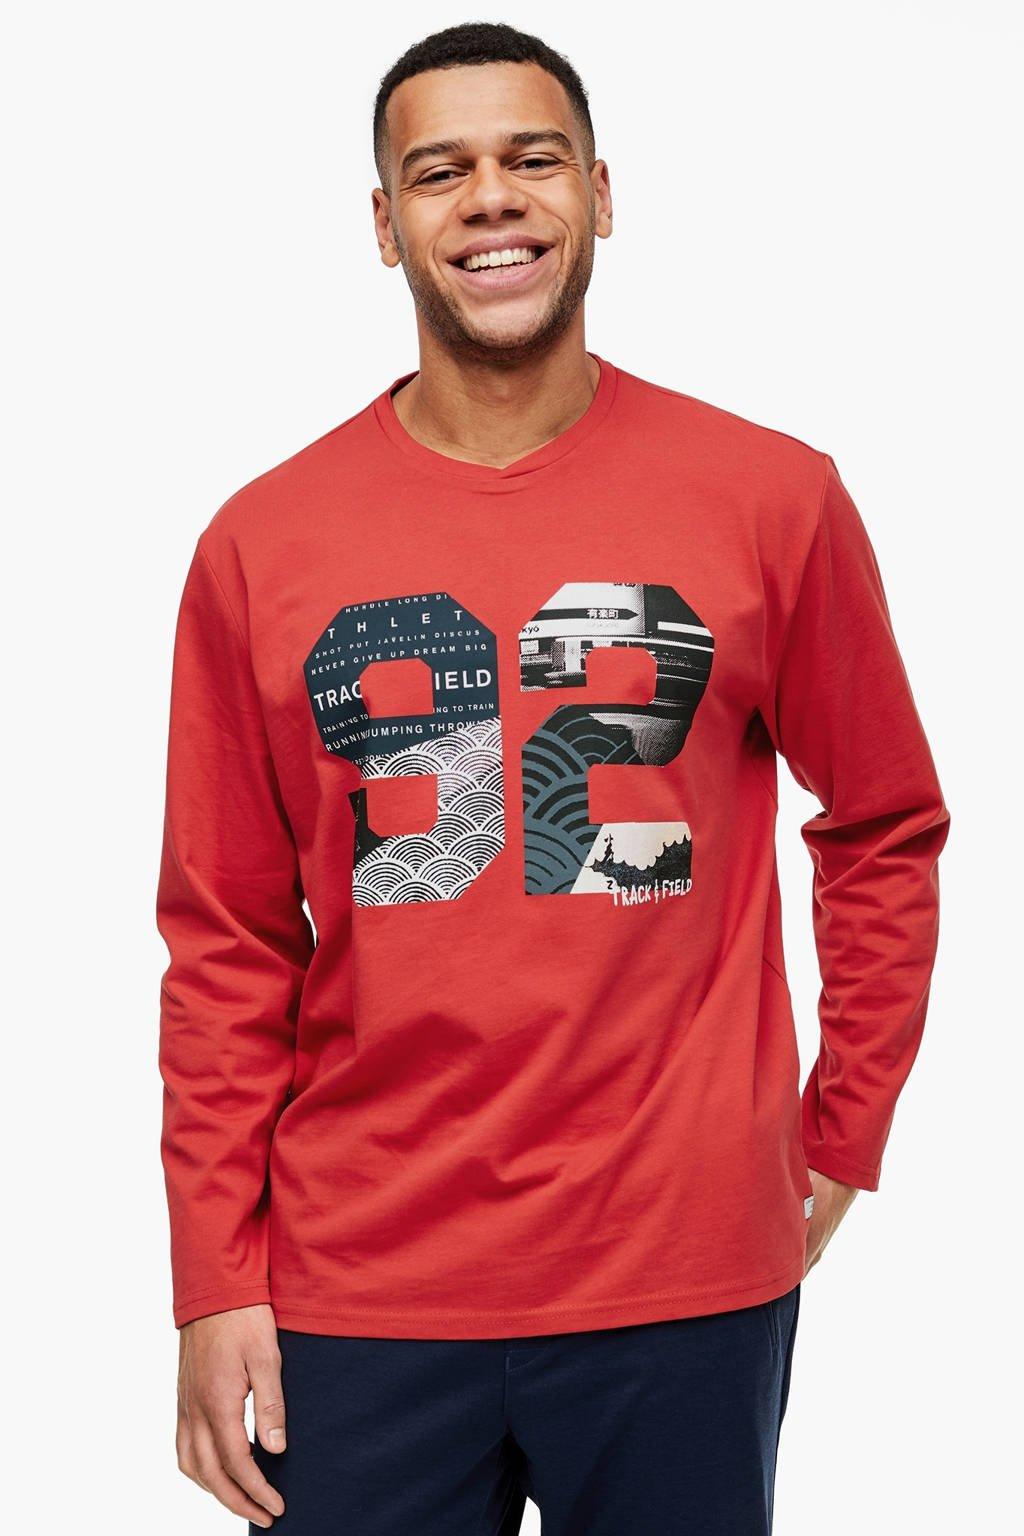 s.Oliver T-shirt met printopdruk rood Big size, Rood